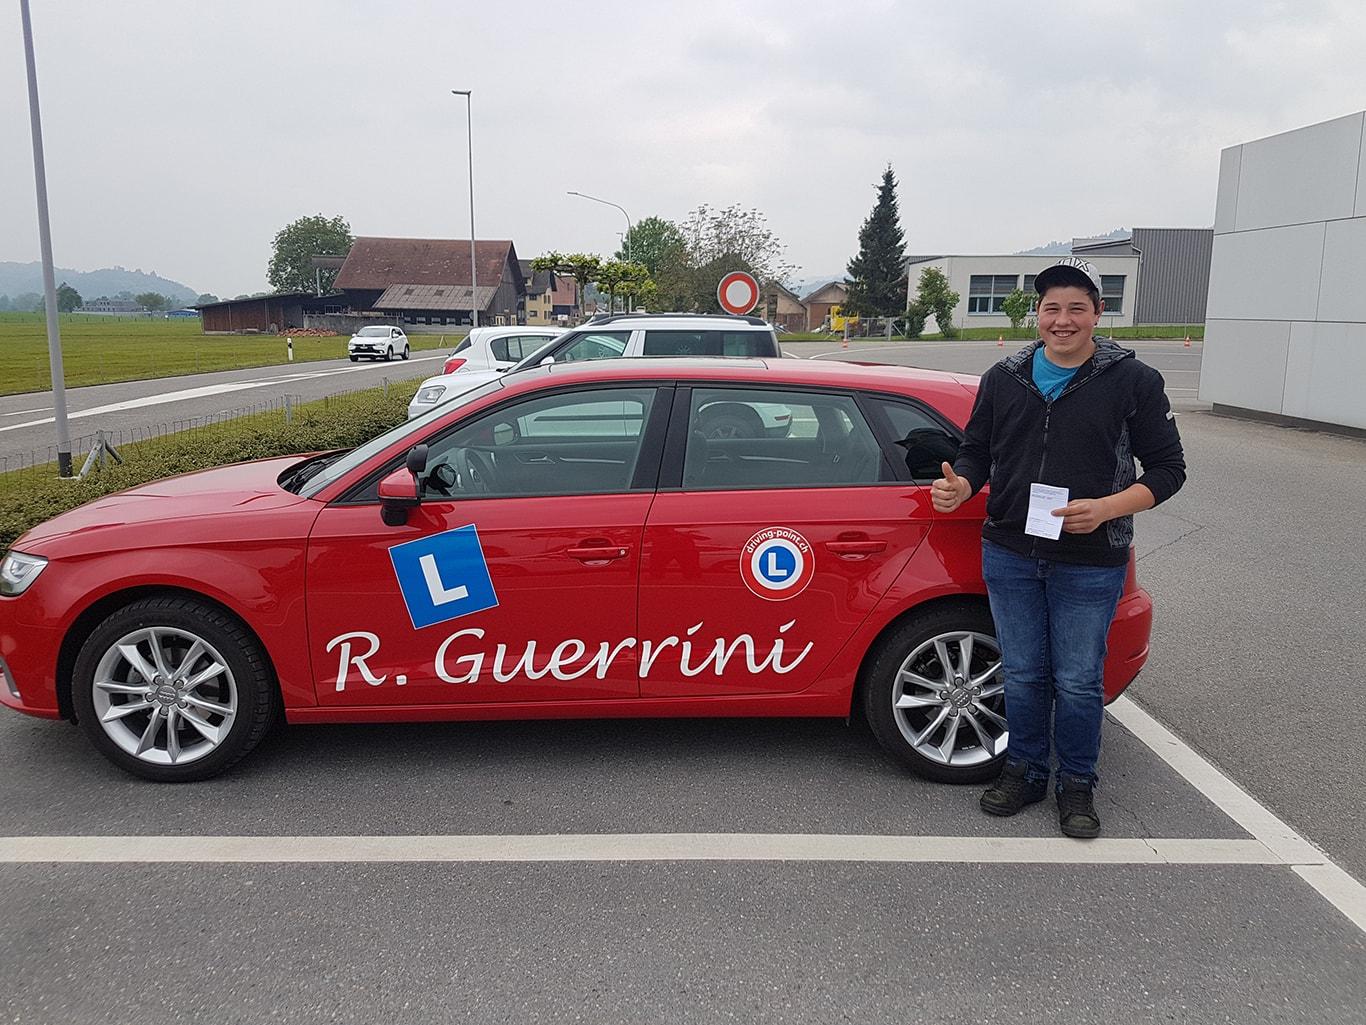 Verkehrskunde & praktisches Fahren in Jona-Rapperswil - Driving Point